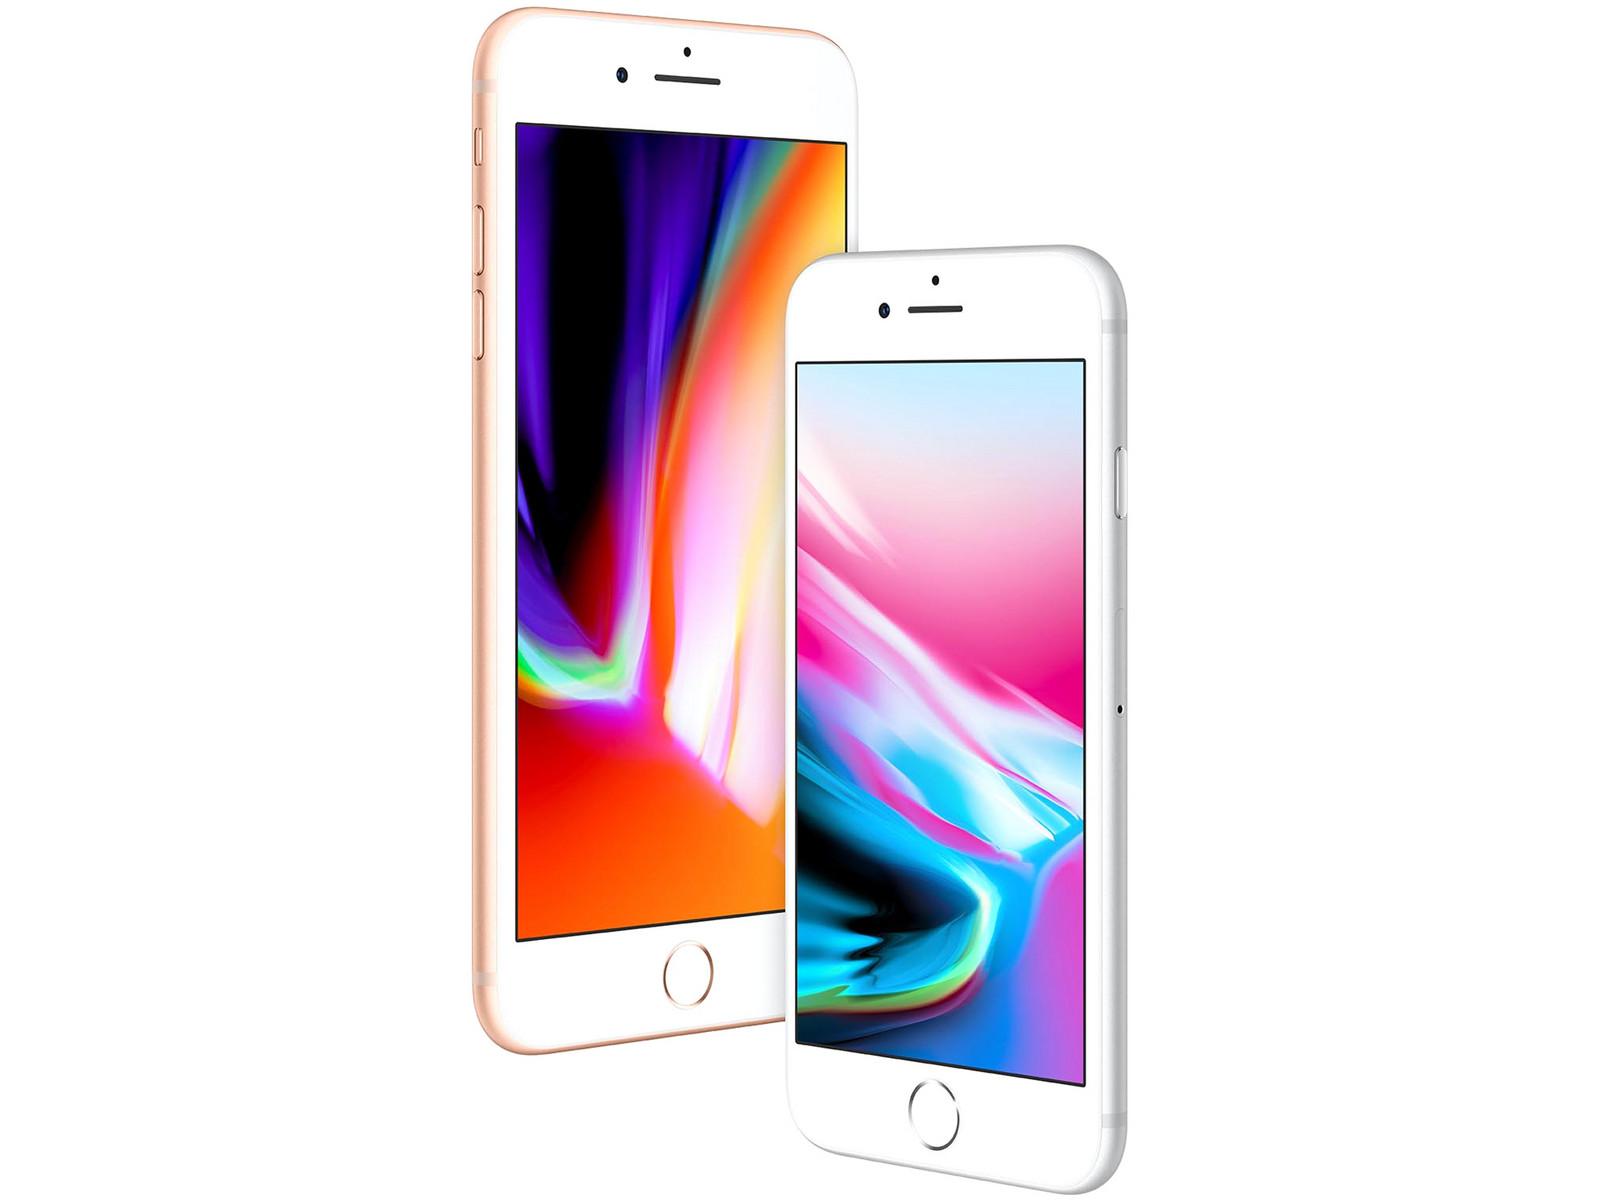 Apple iPhone 8 Series - Notebookcheck net External Reviews